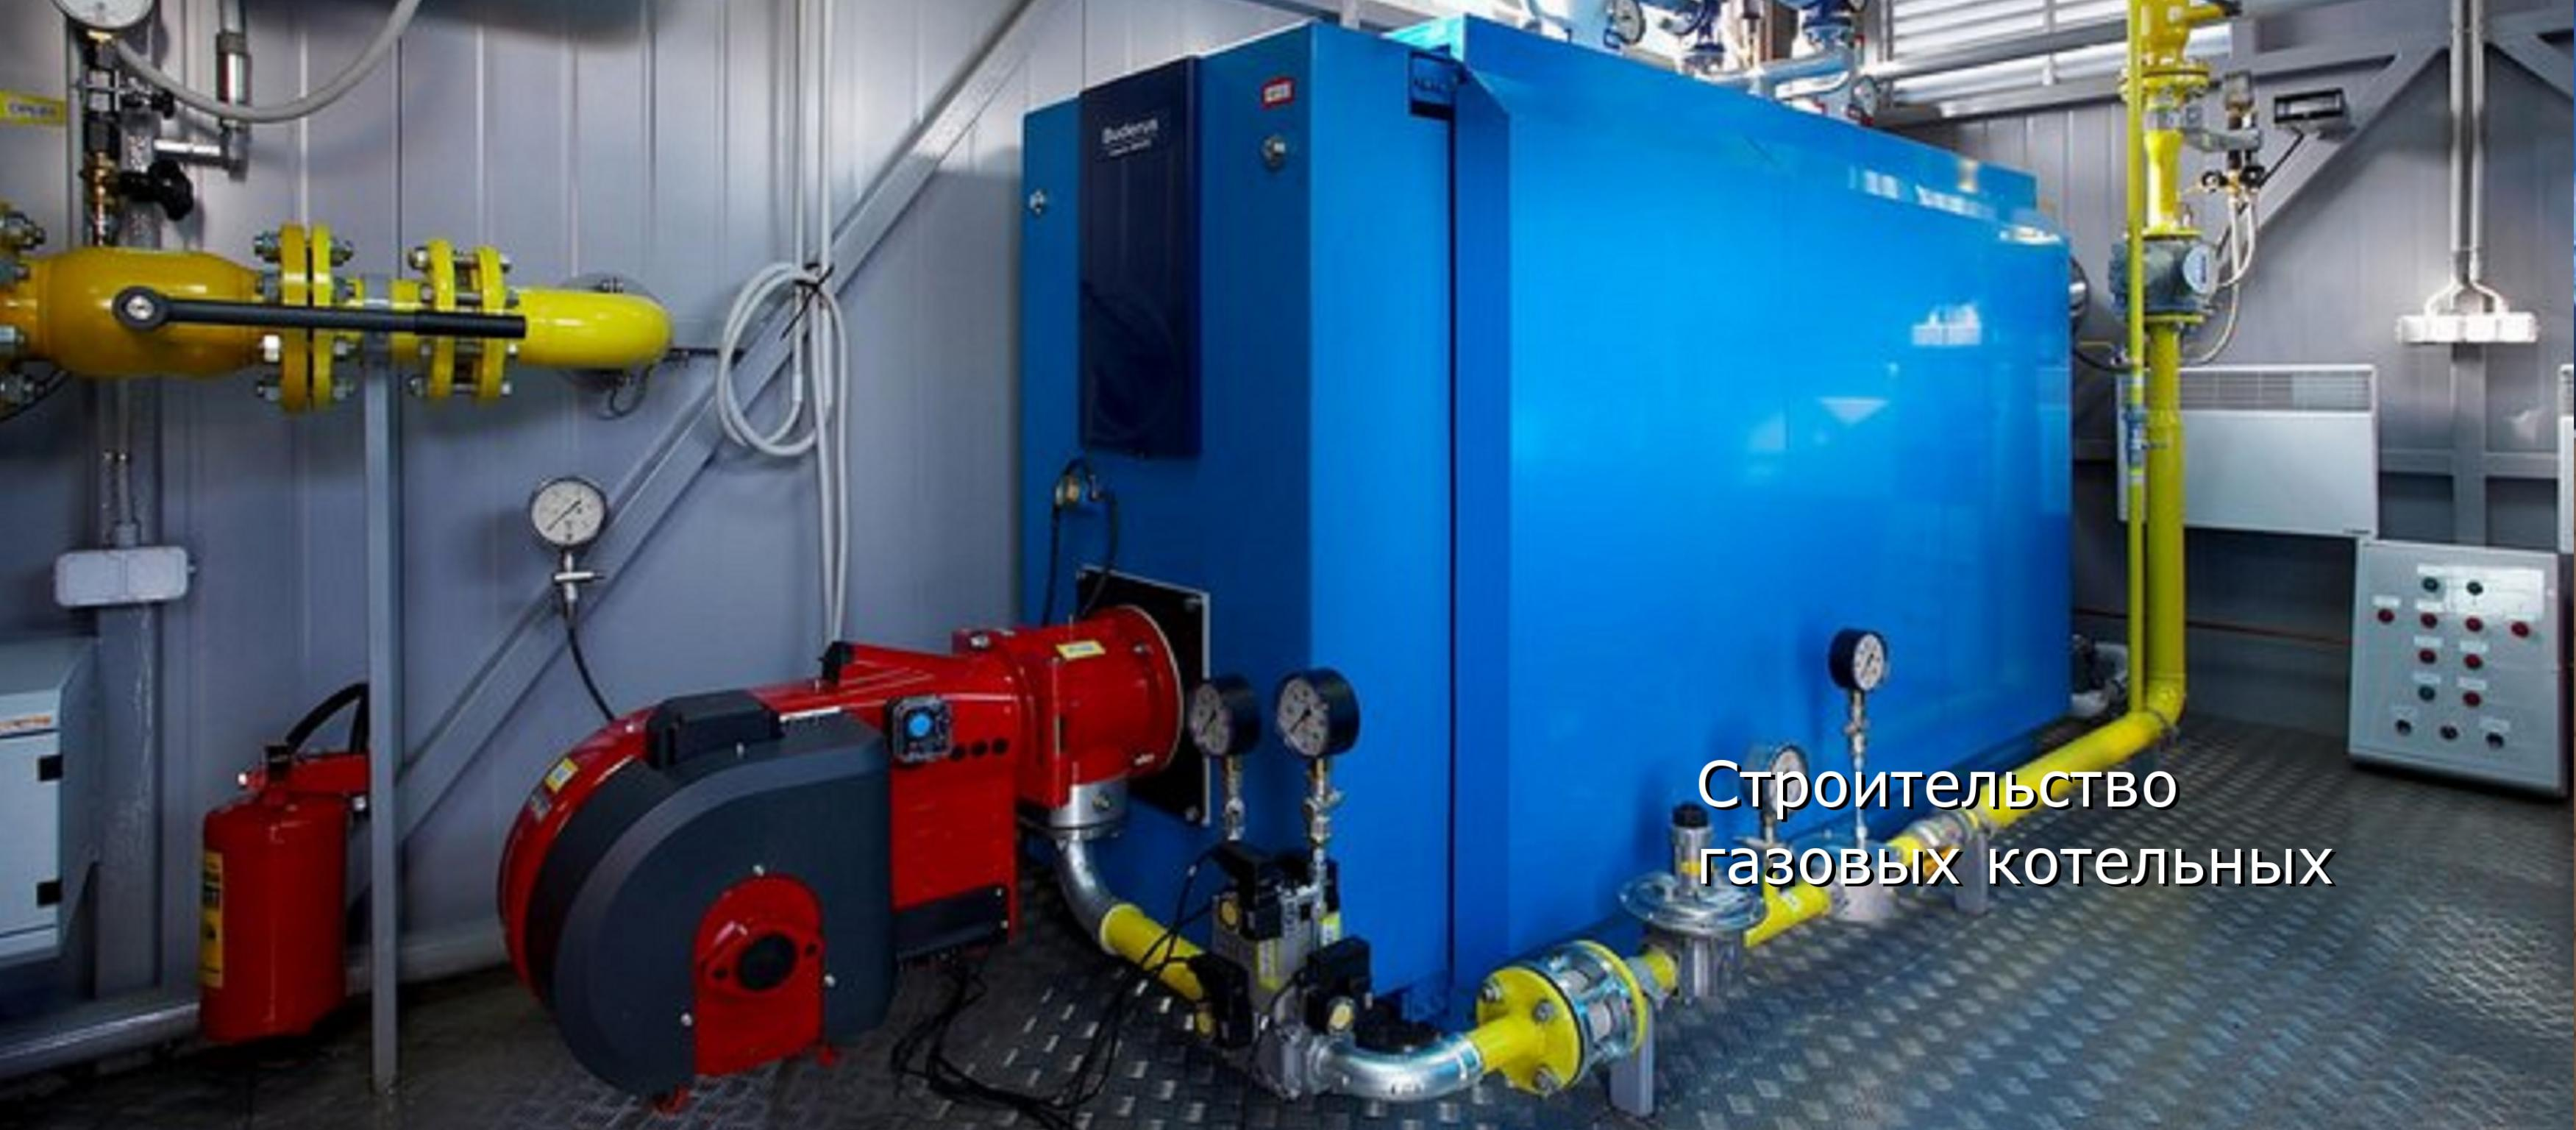 перечень затрат на строительство газовой котельной